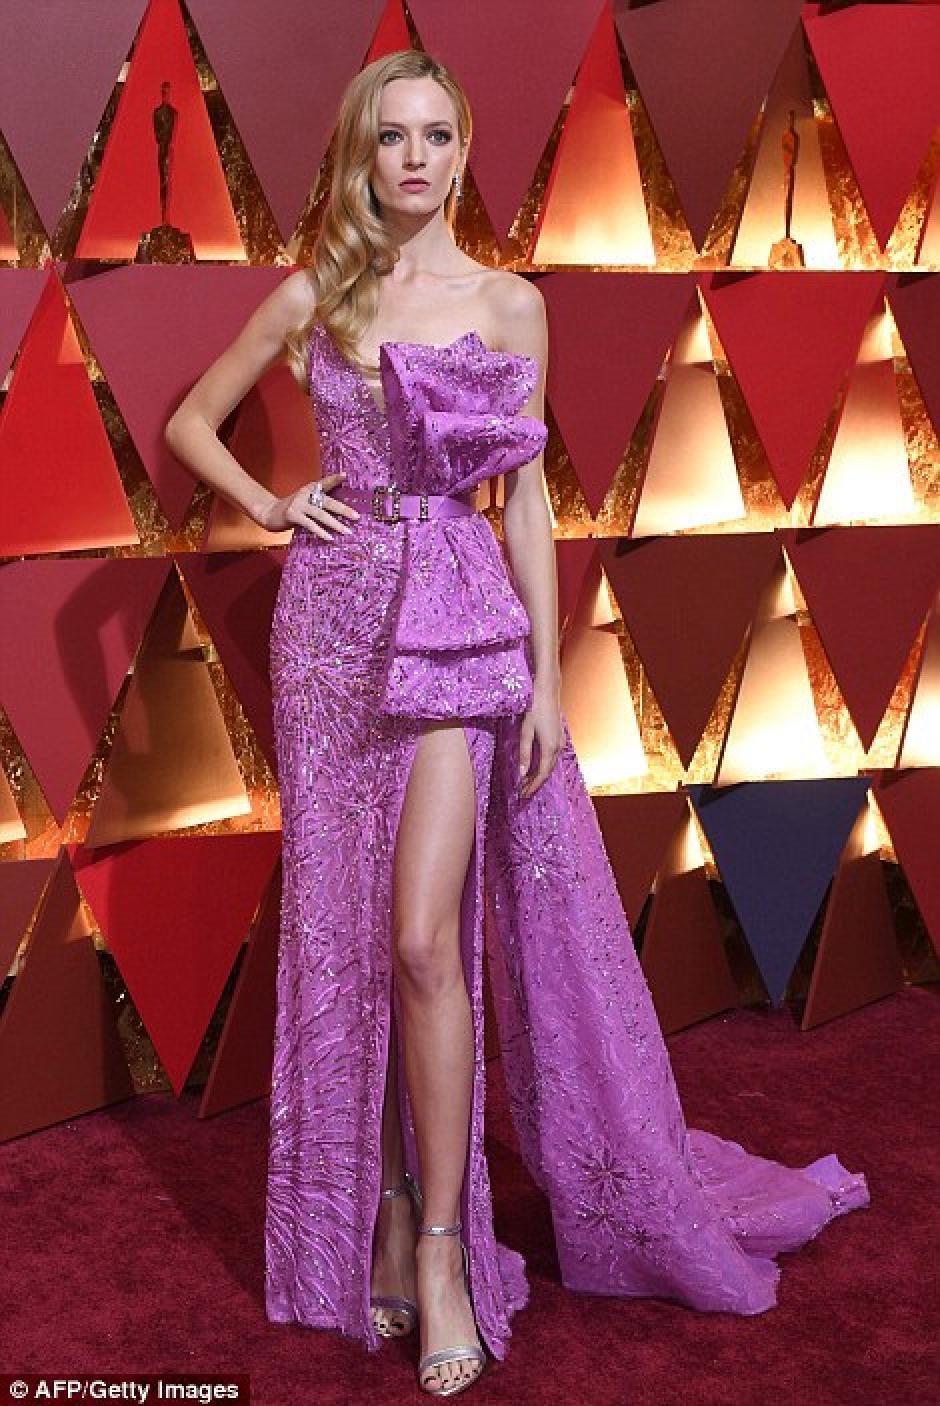 La modelo russia Daria Strokous, no lució como esperaba por el adorno de su vestido. (Foto: AFP)